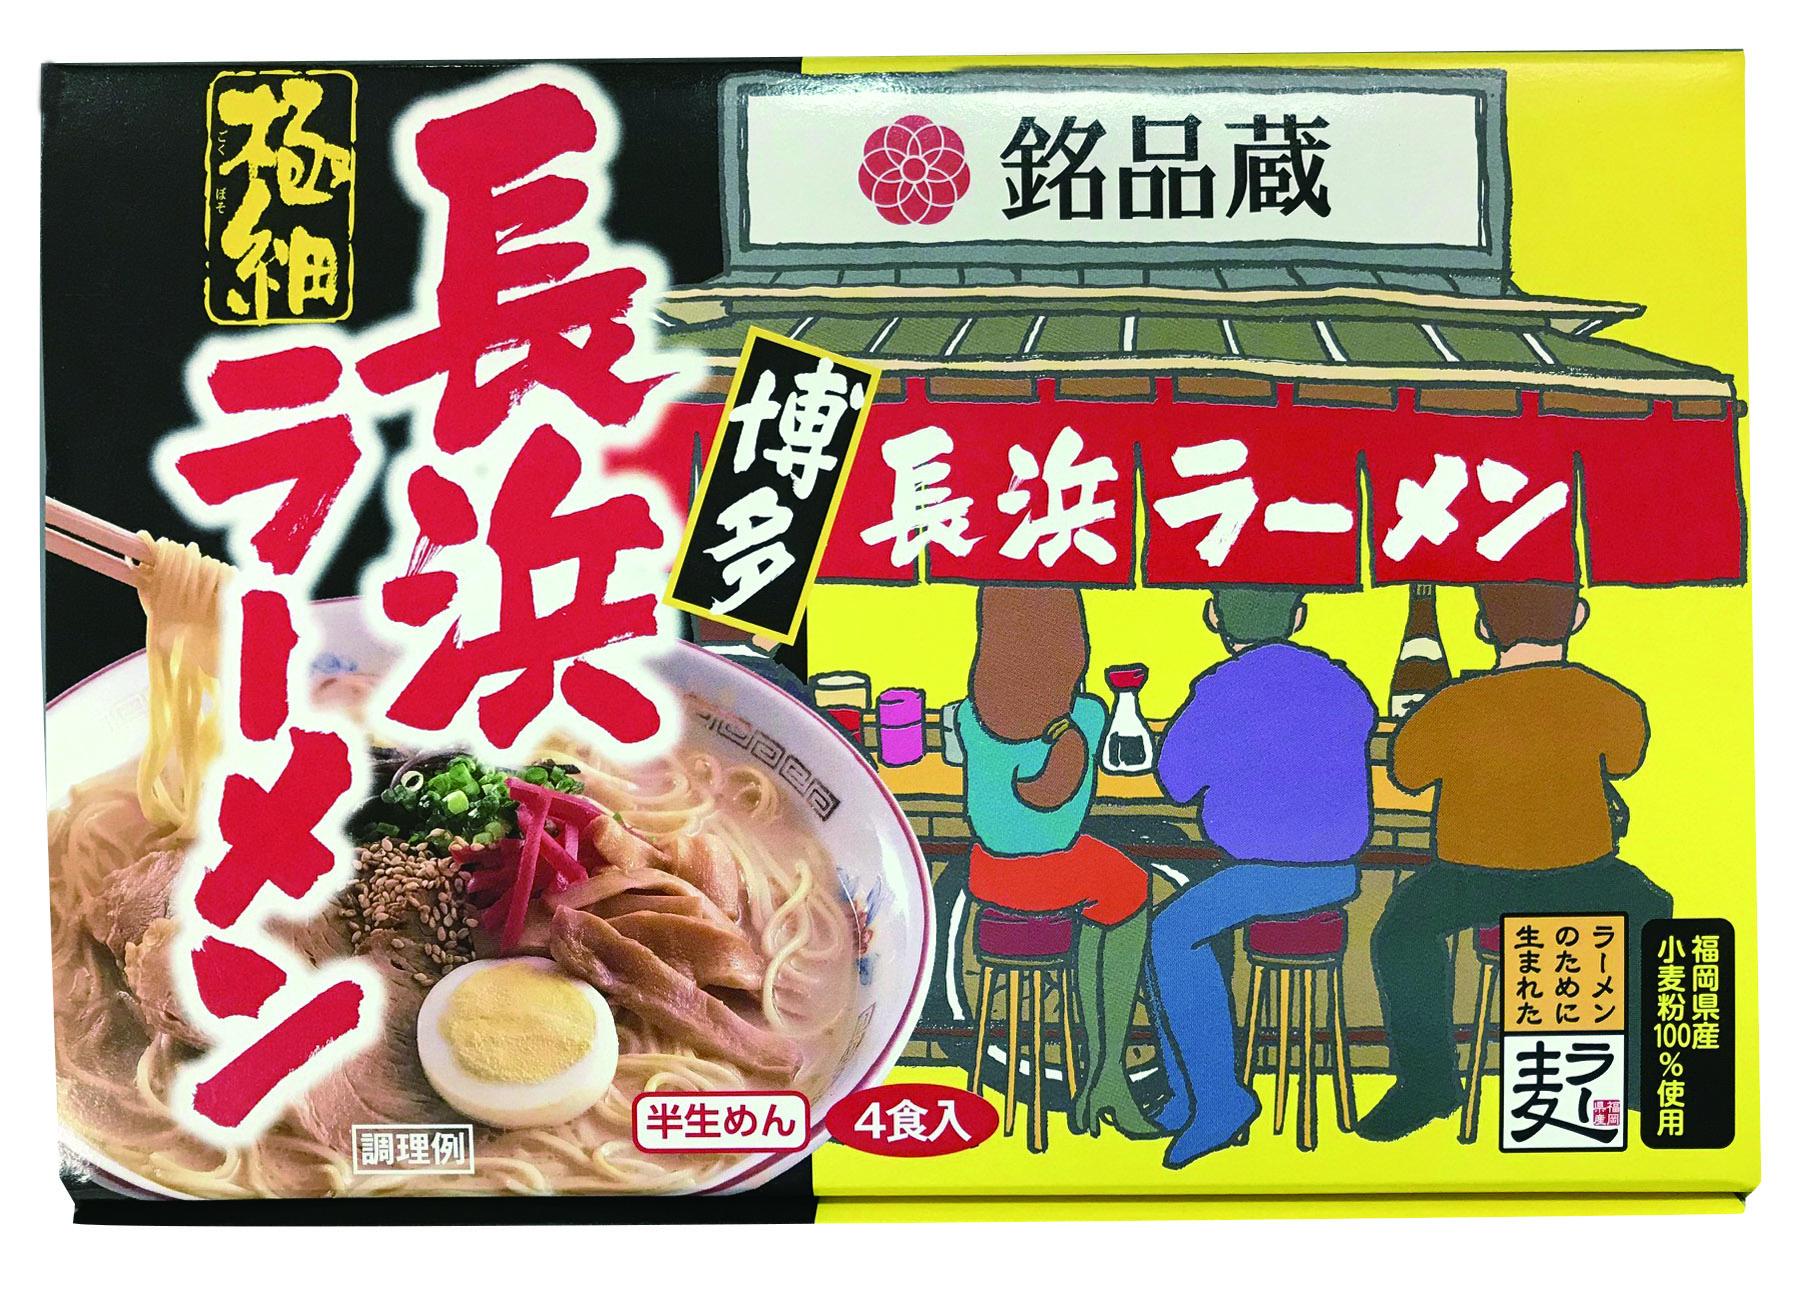 銘品蔵限定! PB博多長浜ラーメン 4食